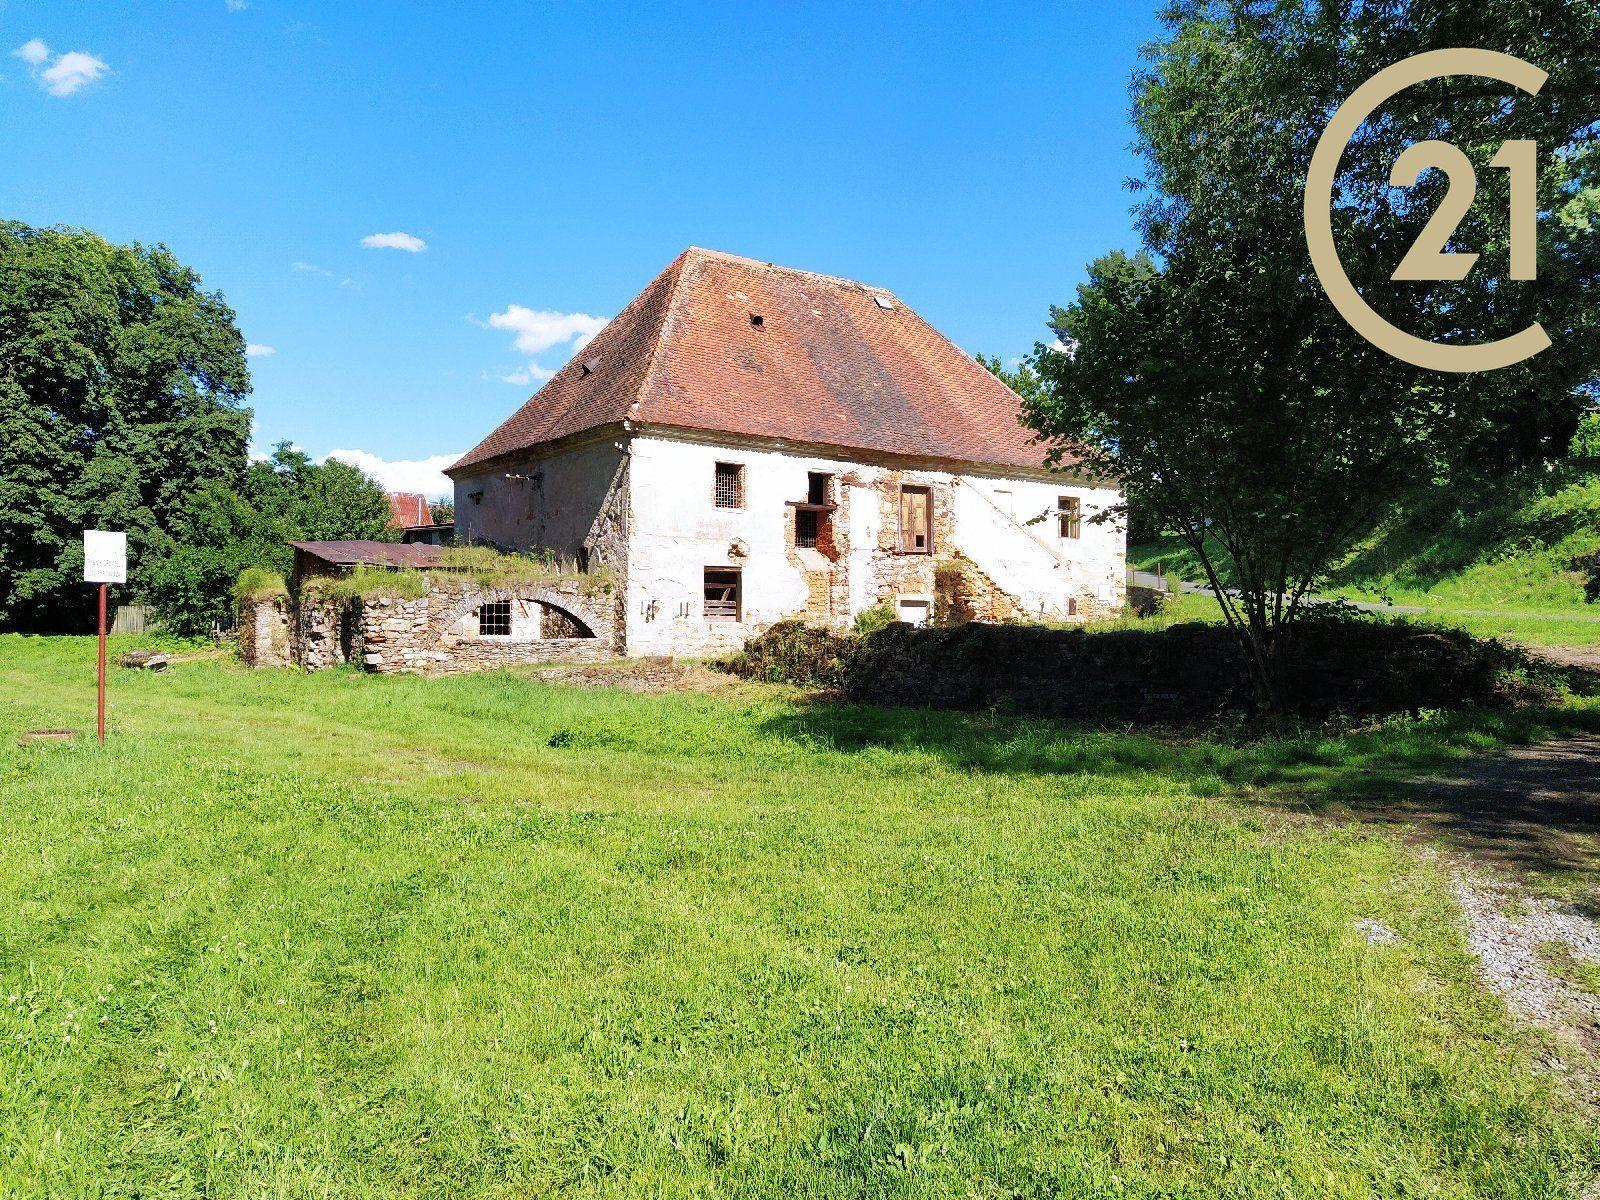 Prodej historického objektu 315 m2 zastavěná plocha +488m2 nádvoří +pozemek 566 m2